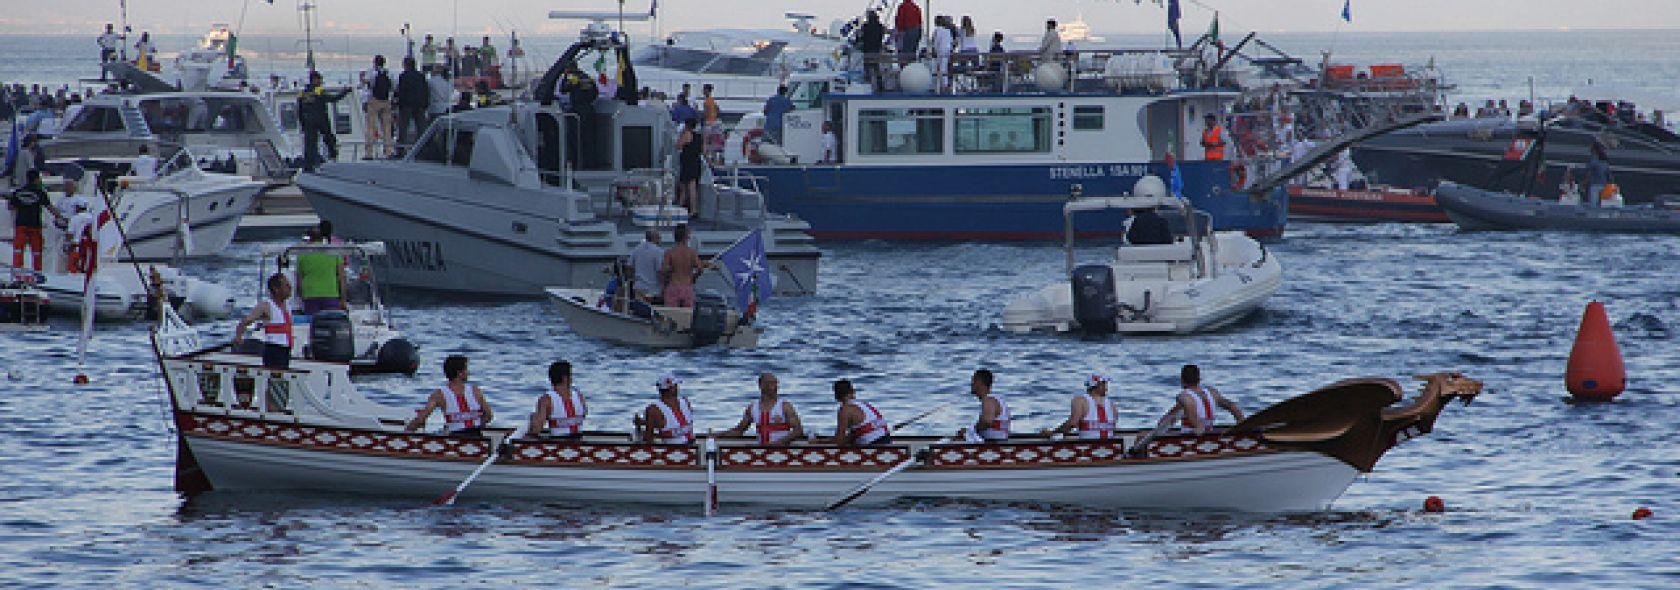 La Regata delle Antiche Repubbliche Marinare - Giordanella -©genovacittadigitale